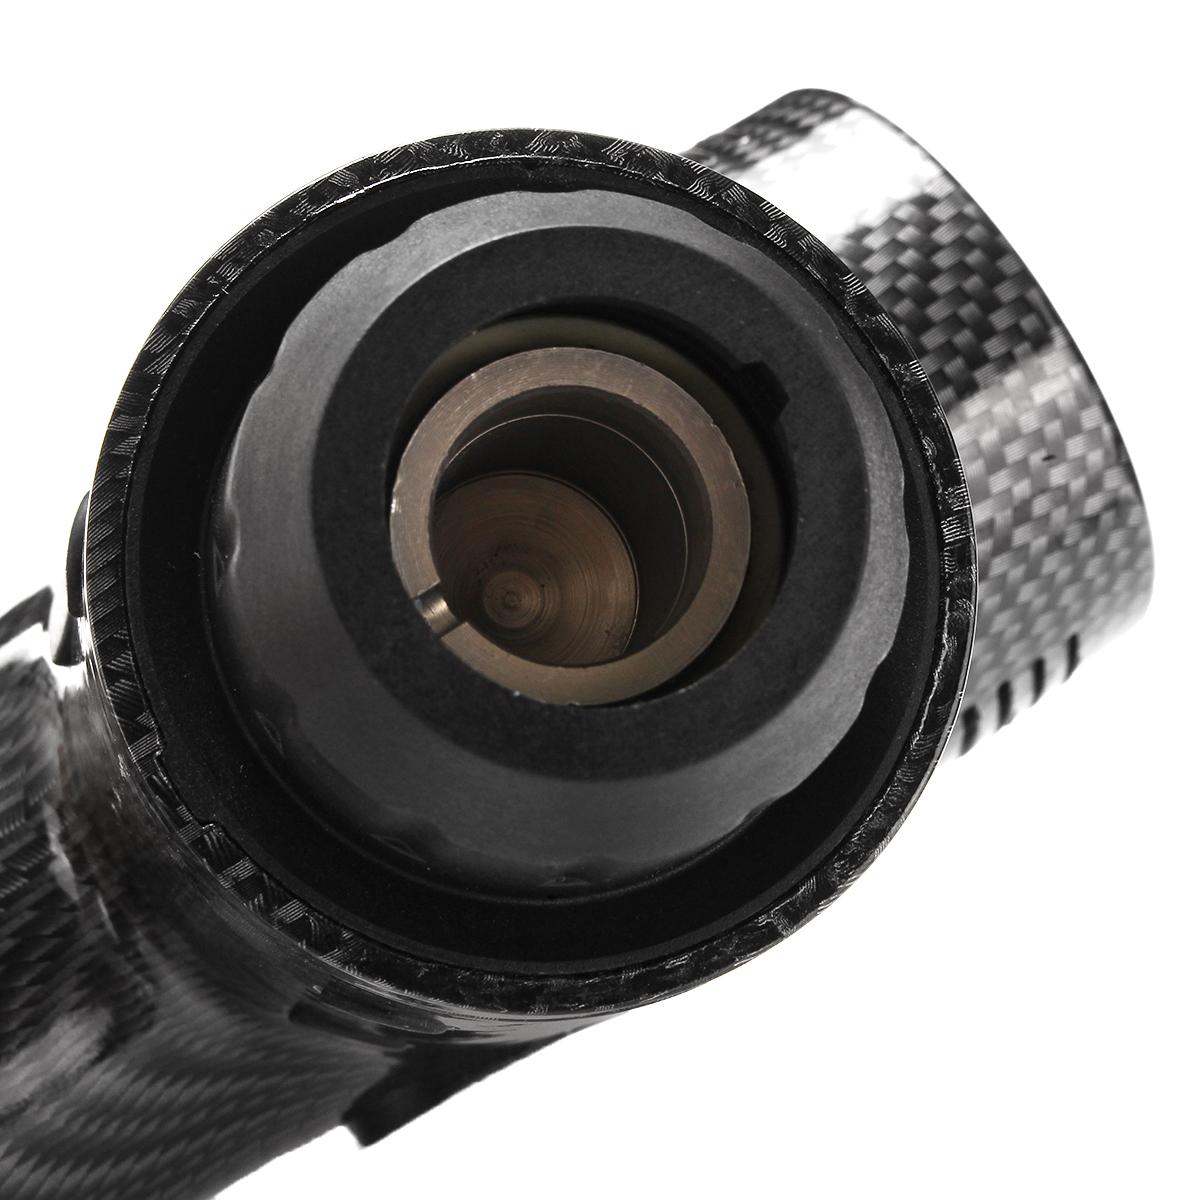 Профессиональный ручной массажер мышц для глубоких тканей Беспроводной 3-скоростной ударный вибрационный массажер - фото c29687d4-130a-4e30-853e-b7331815a171.jpeg